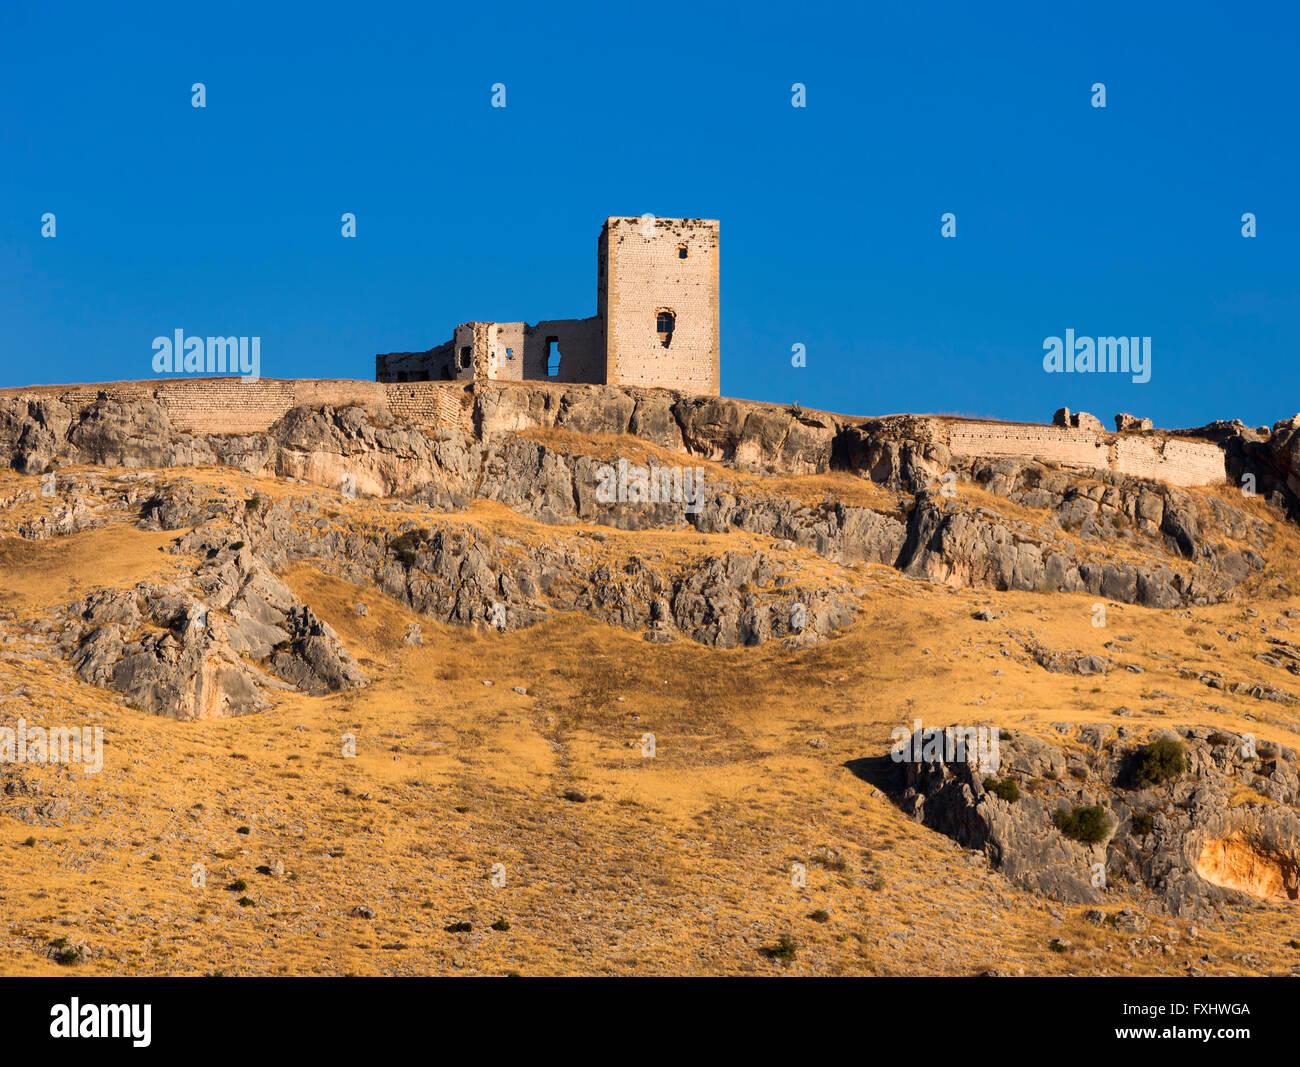 Teba, provincia di Malaga, Andalusia, Spagna meridionale. Castello di stella. Castillo de la Estrella Immagini Stock